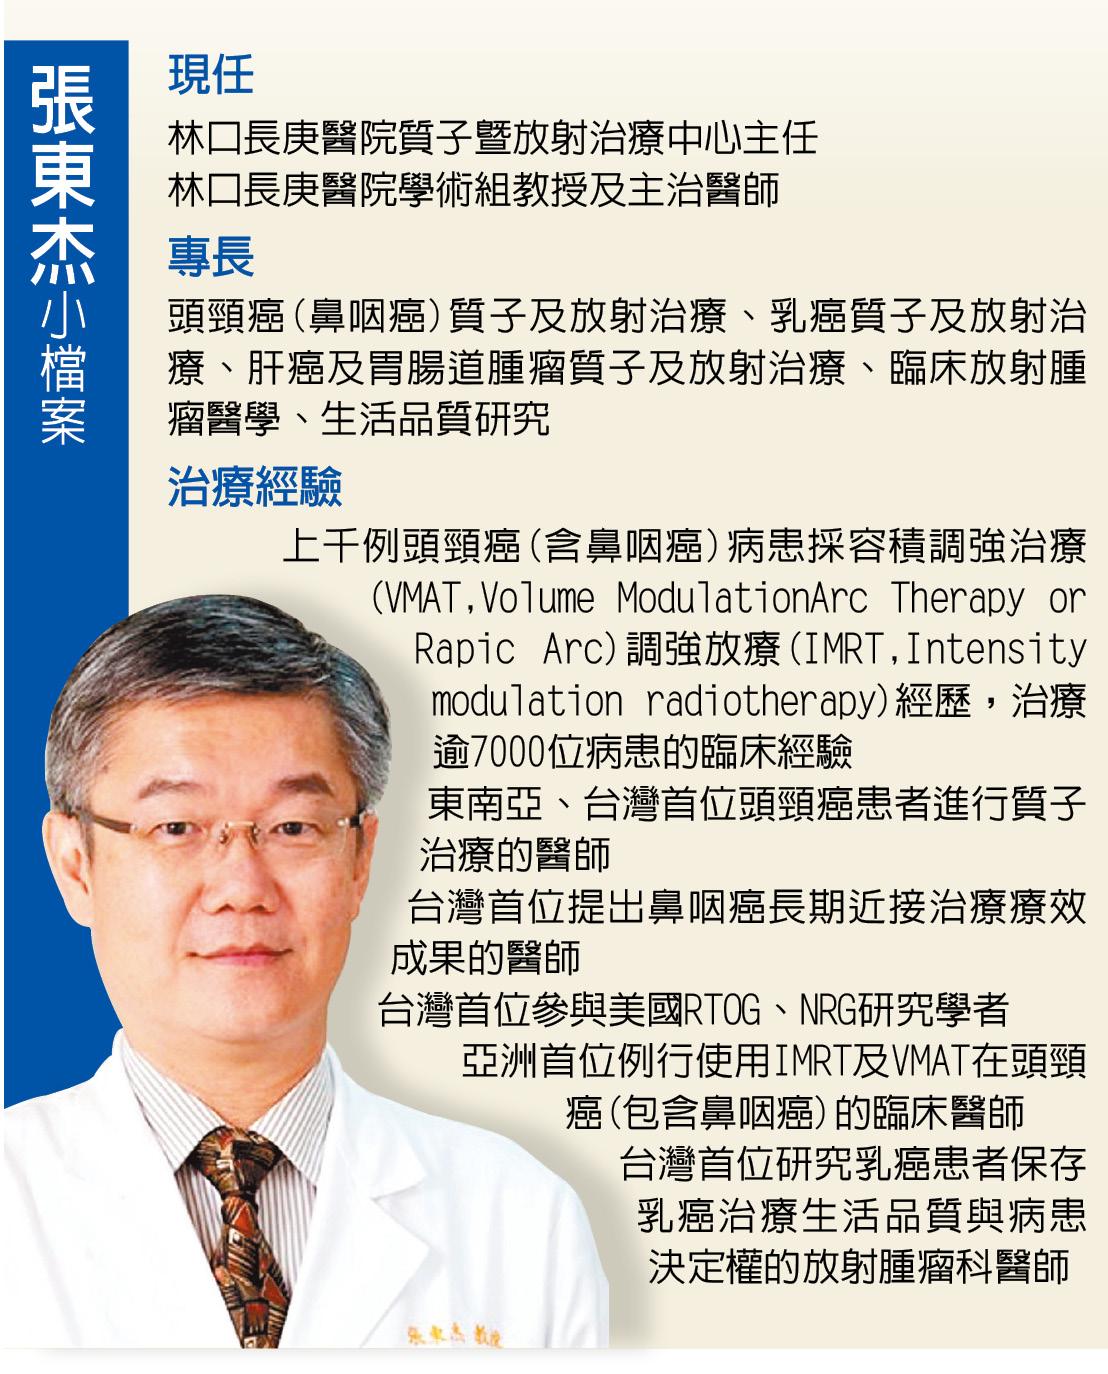 臺灣醫療奇蹟/長庚質子治療 精準治癌 - 世界新聞網